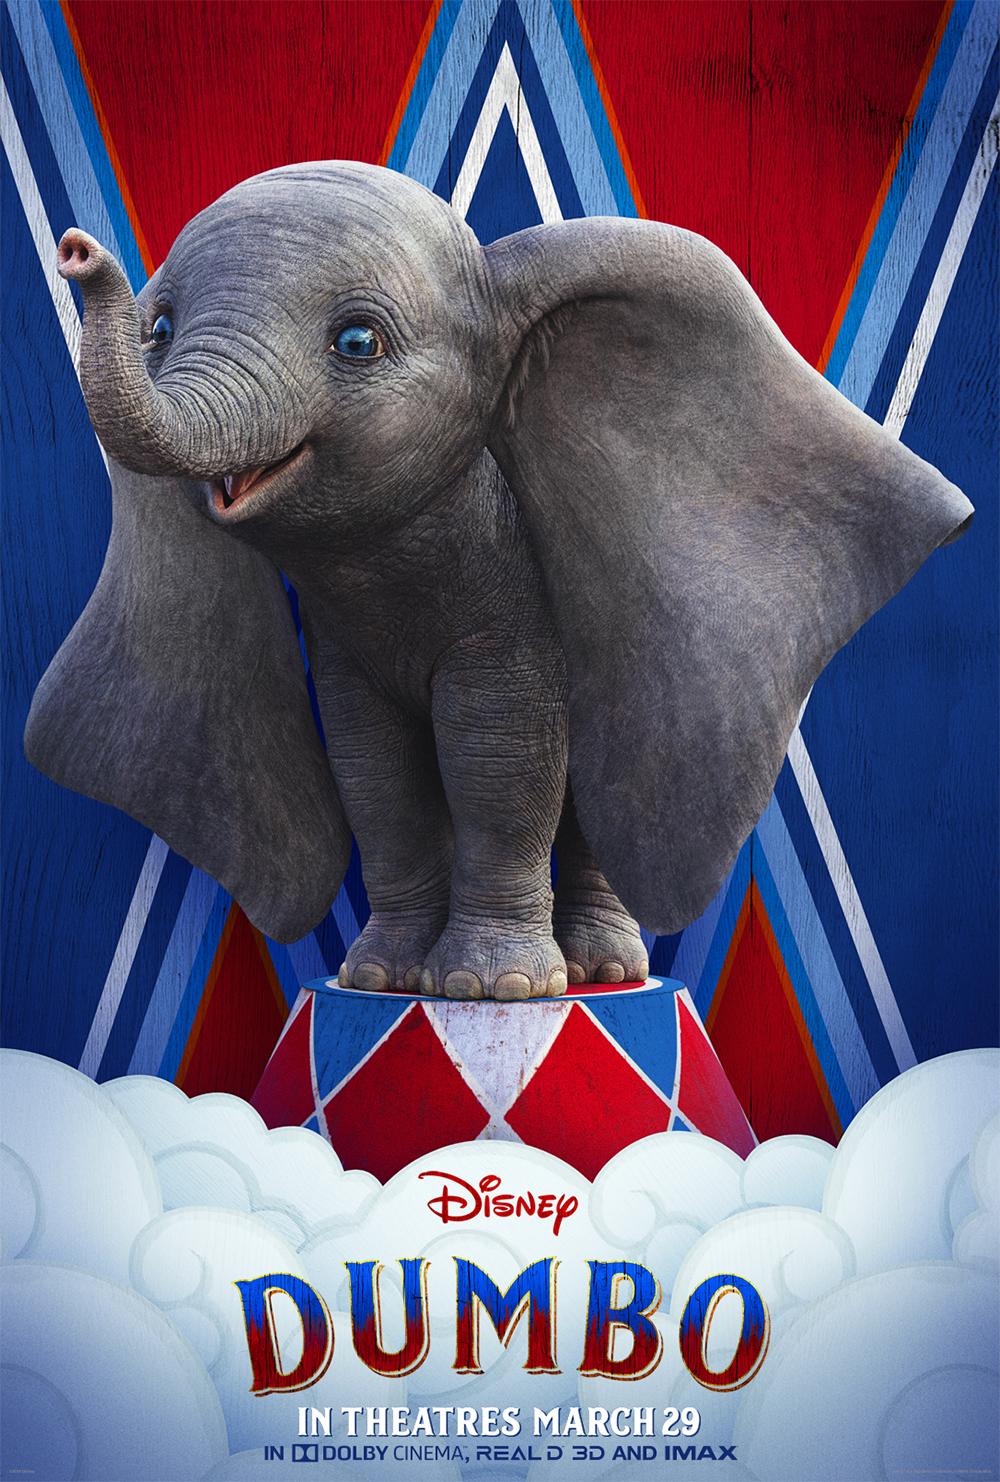 Dumbo-Poster-2019-002.jpg